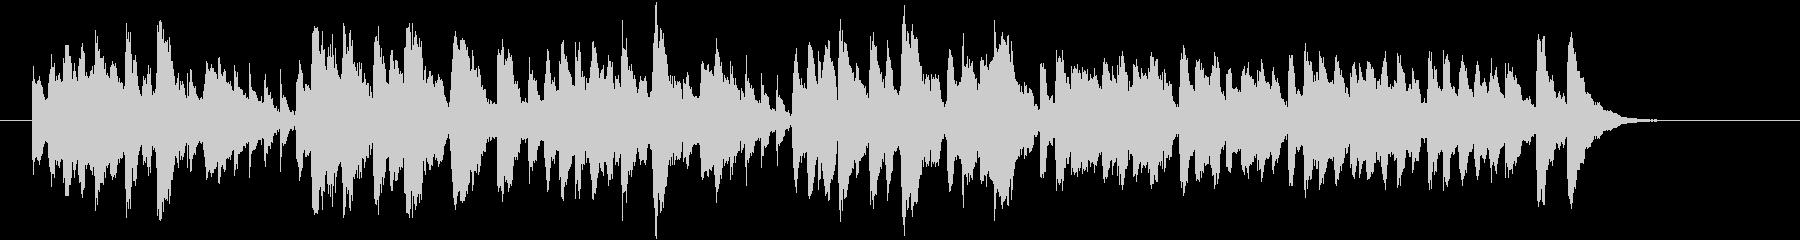 リコーダーが奏でるヒーリングミュージックの未再生の波形